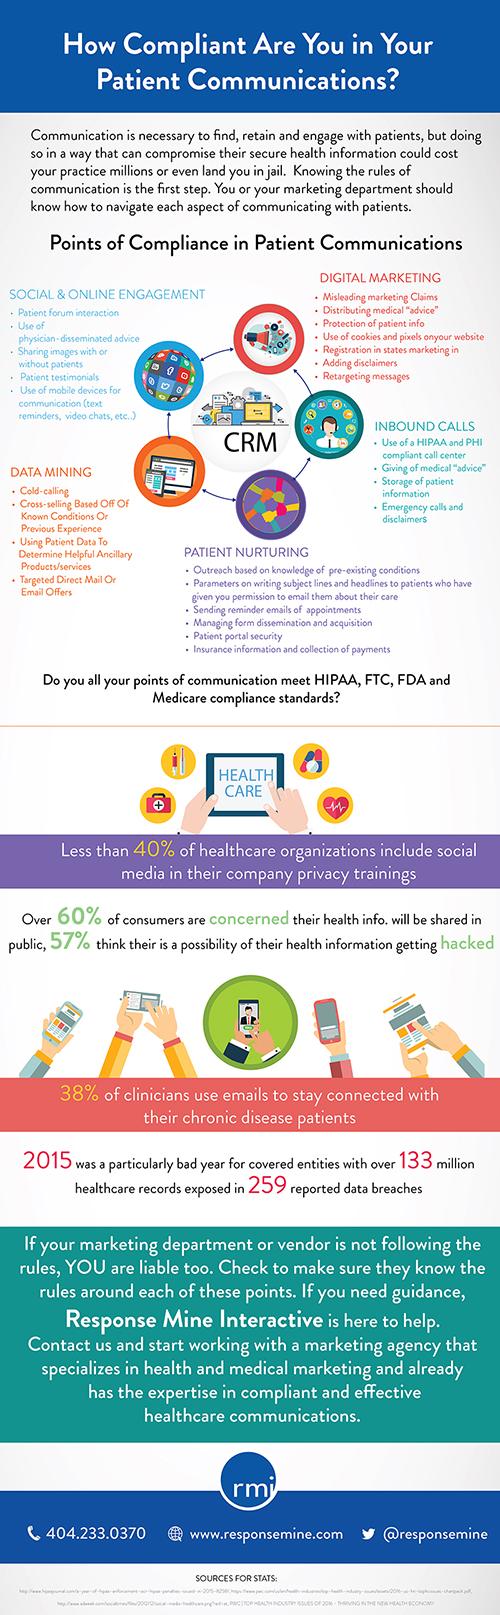 Patient Communication Compliance Infographic